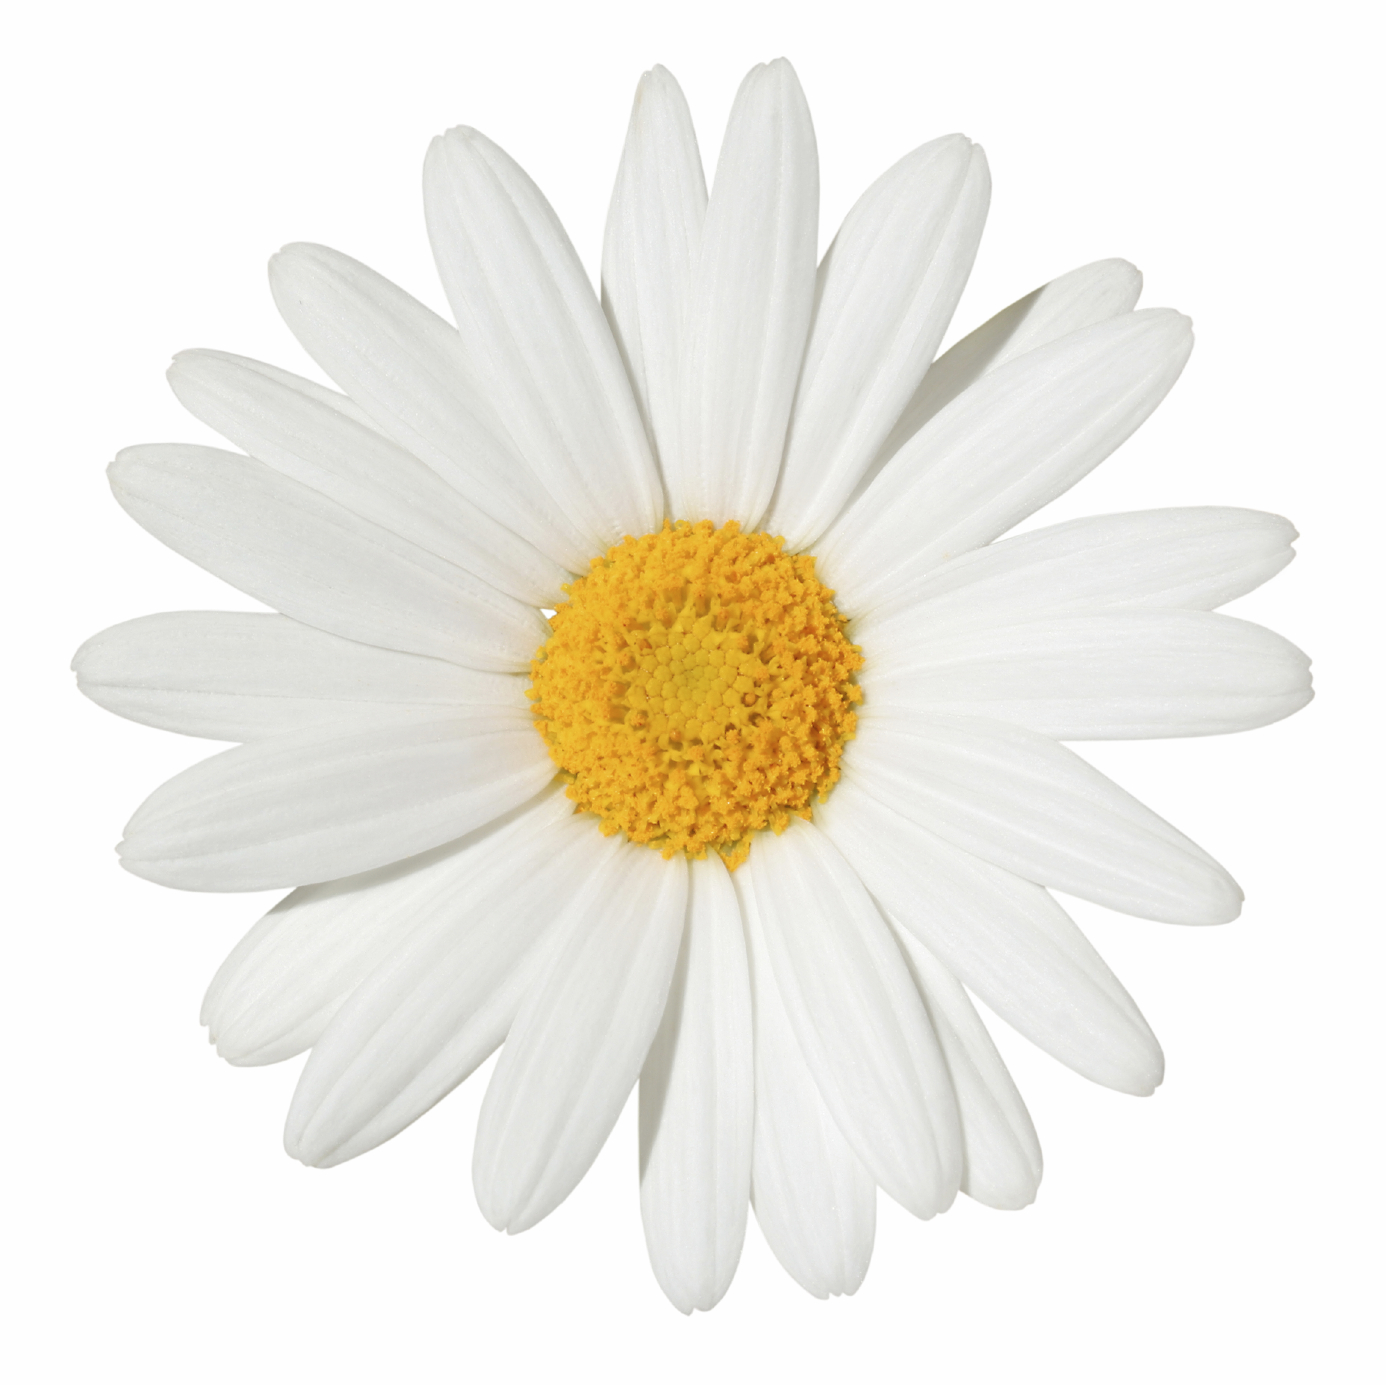 daisy-3.jpg